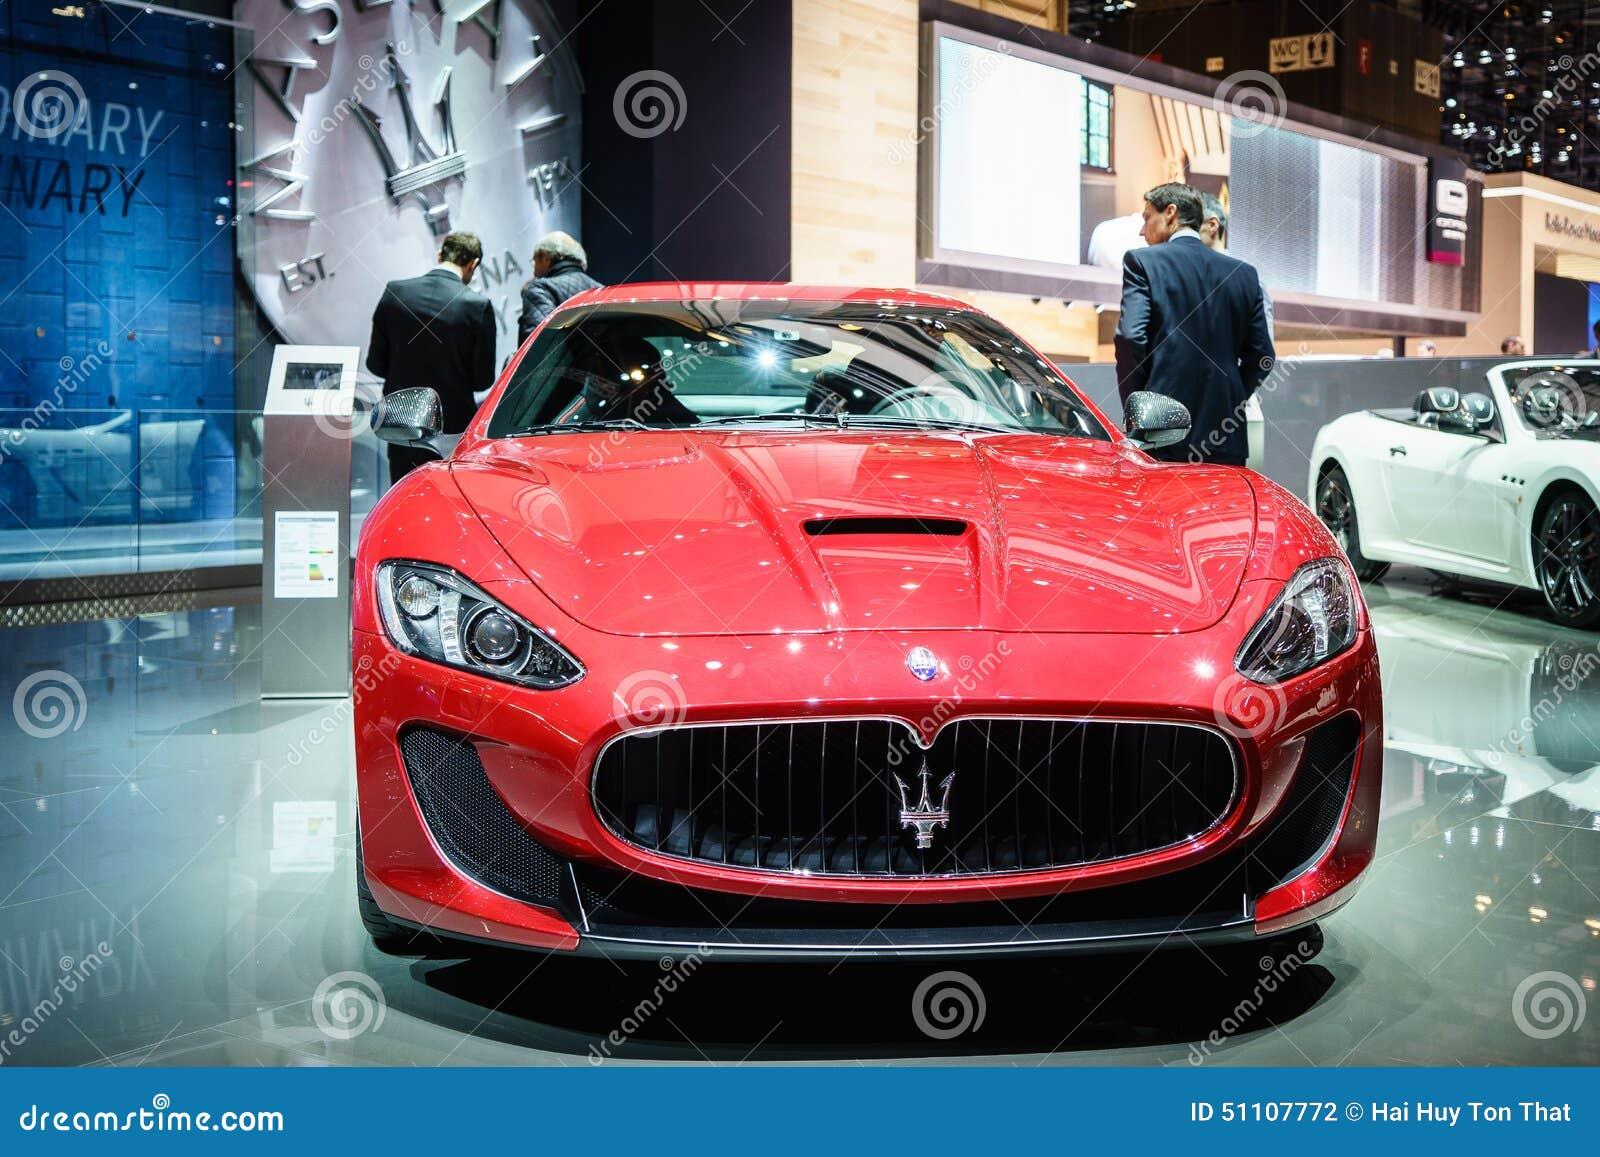 Maserati GranTurismo Lux Stradale, Autoausstellung Geneve 2015